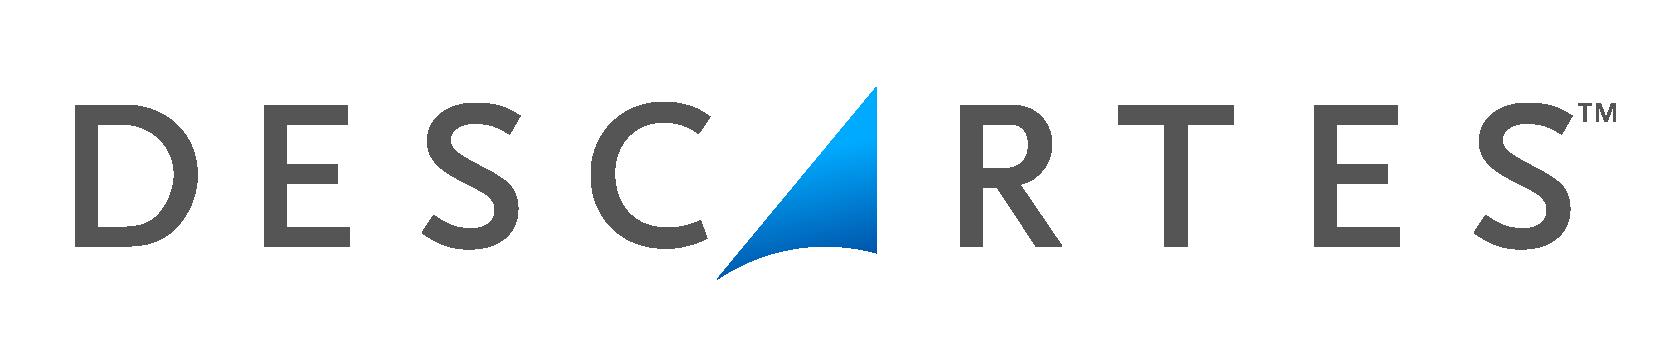 The Descartes Systems Group logo